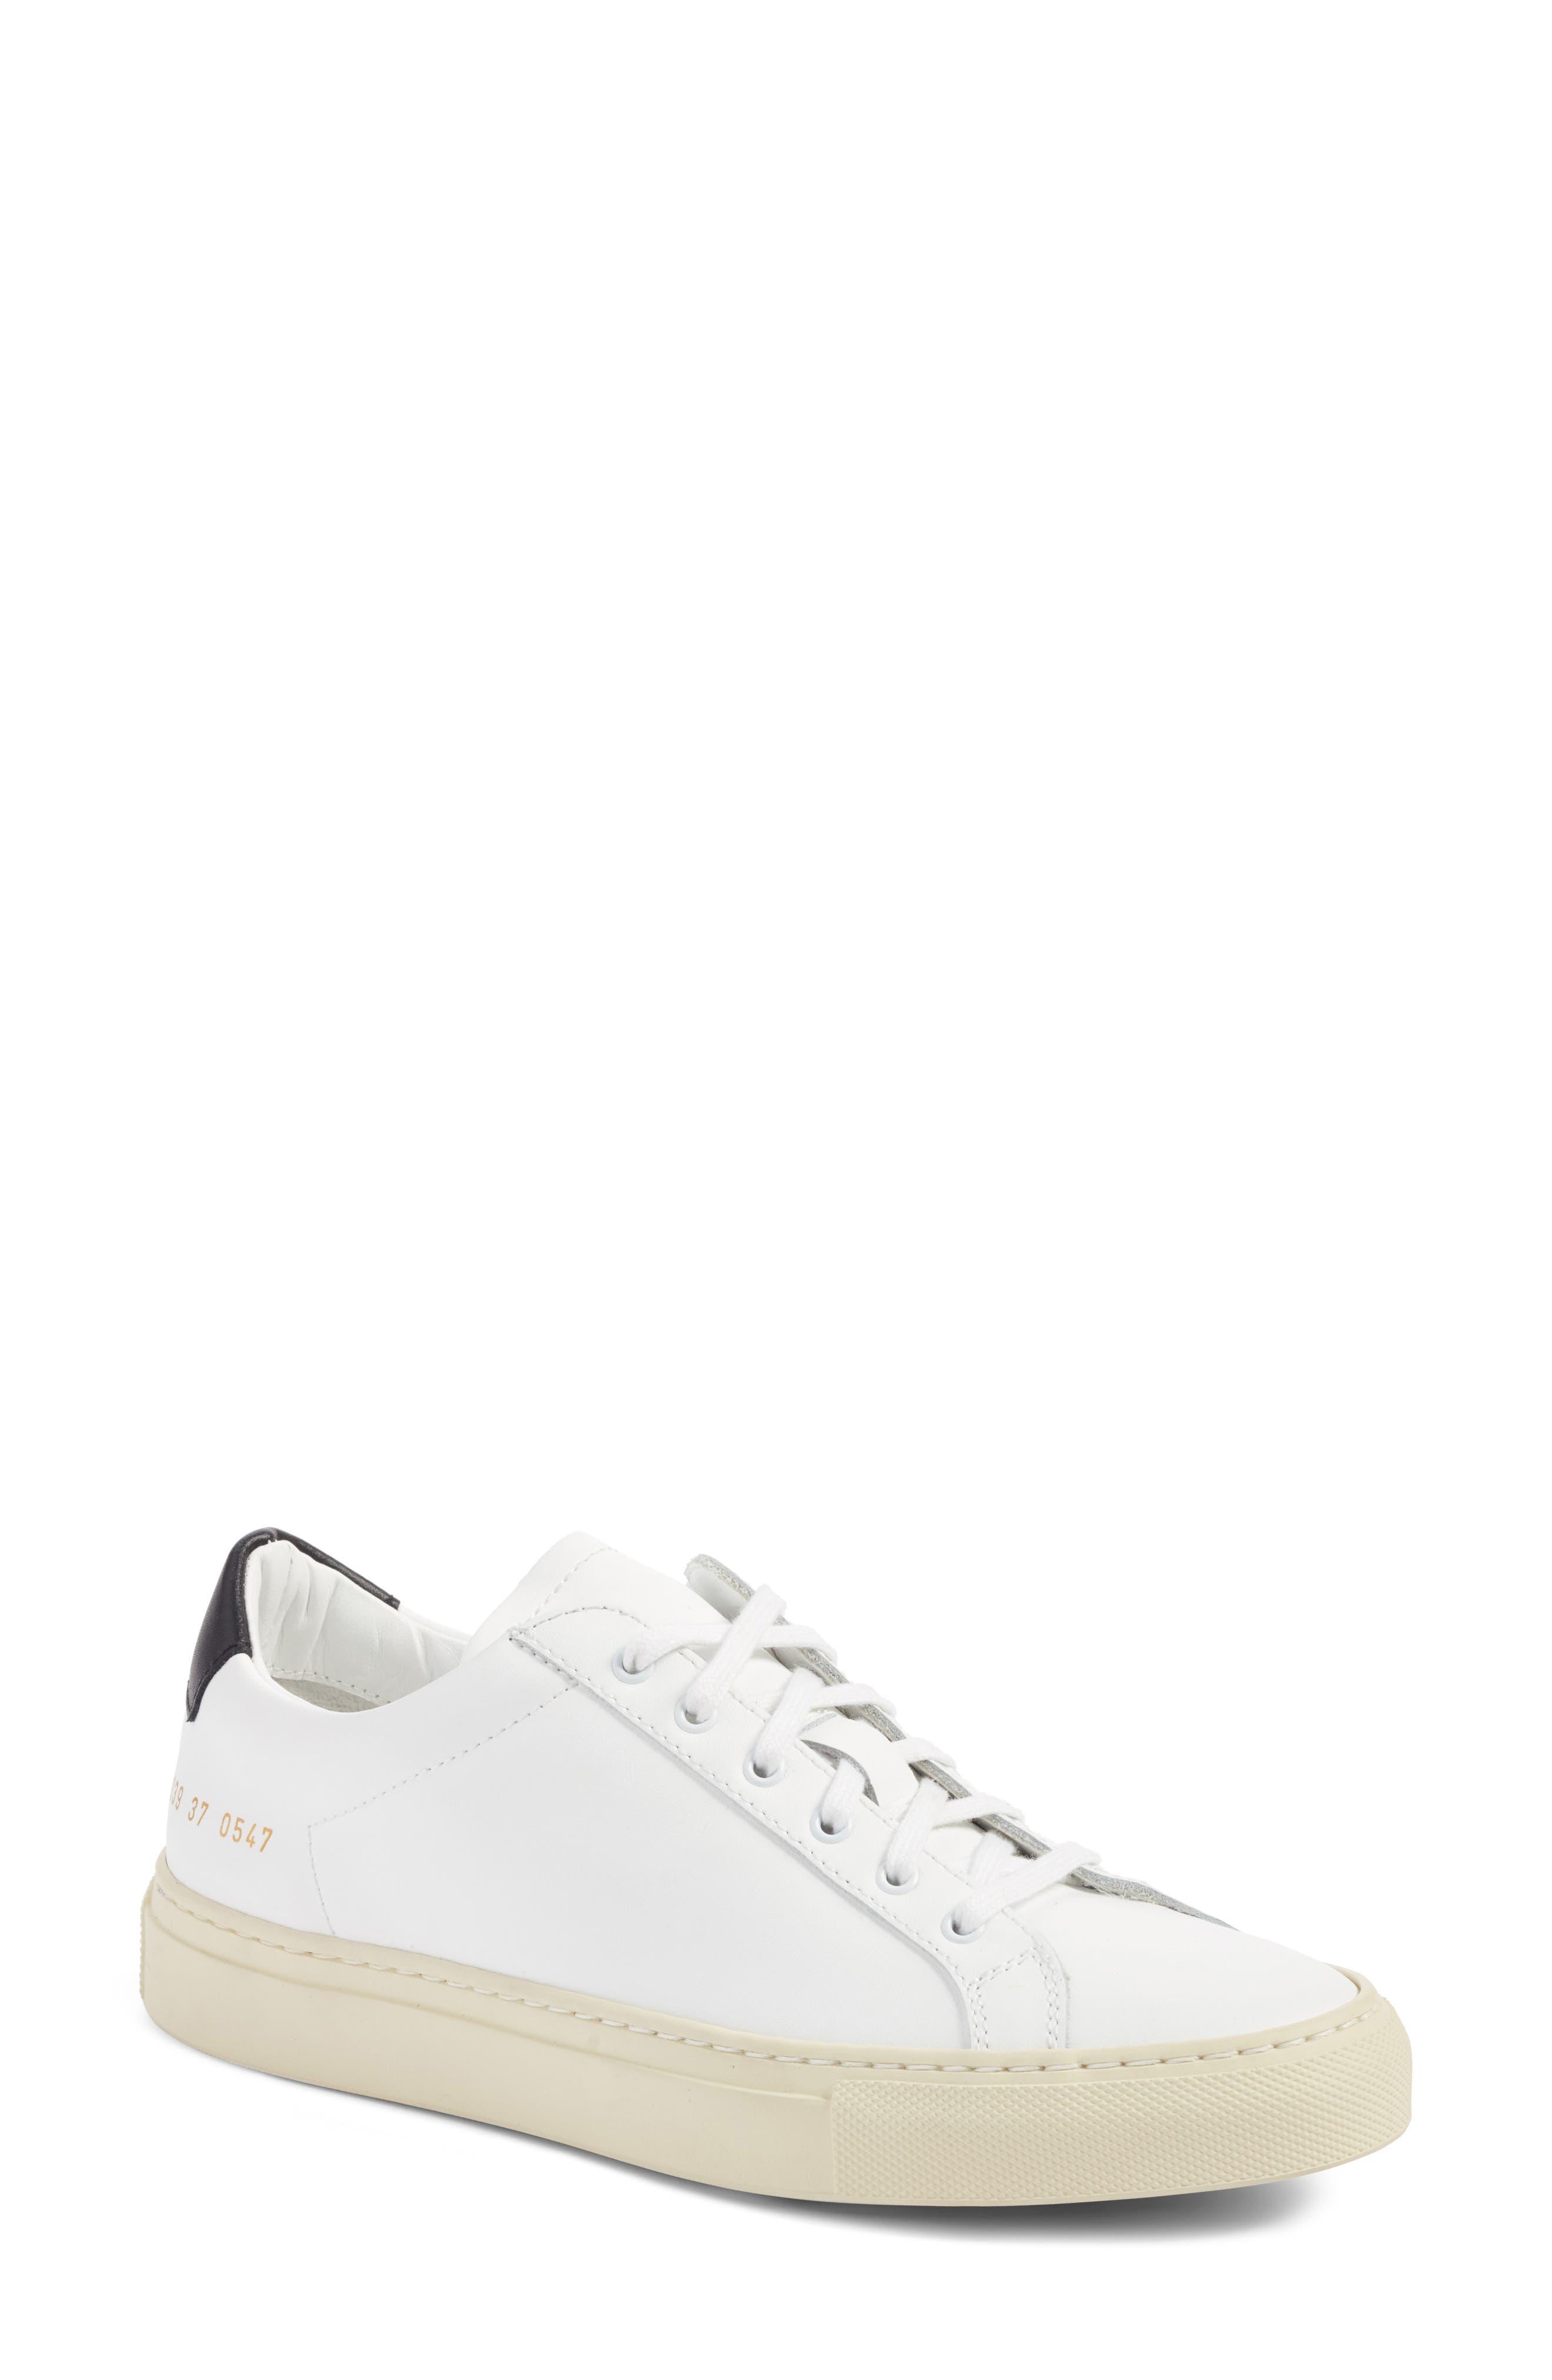 Achilles Low Top Sneaker,                         Main,                         color, 101